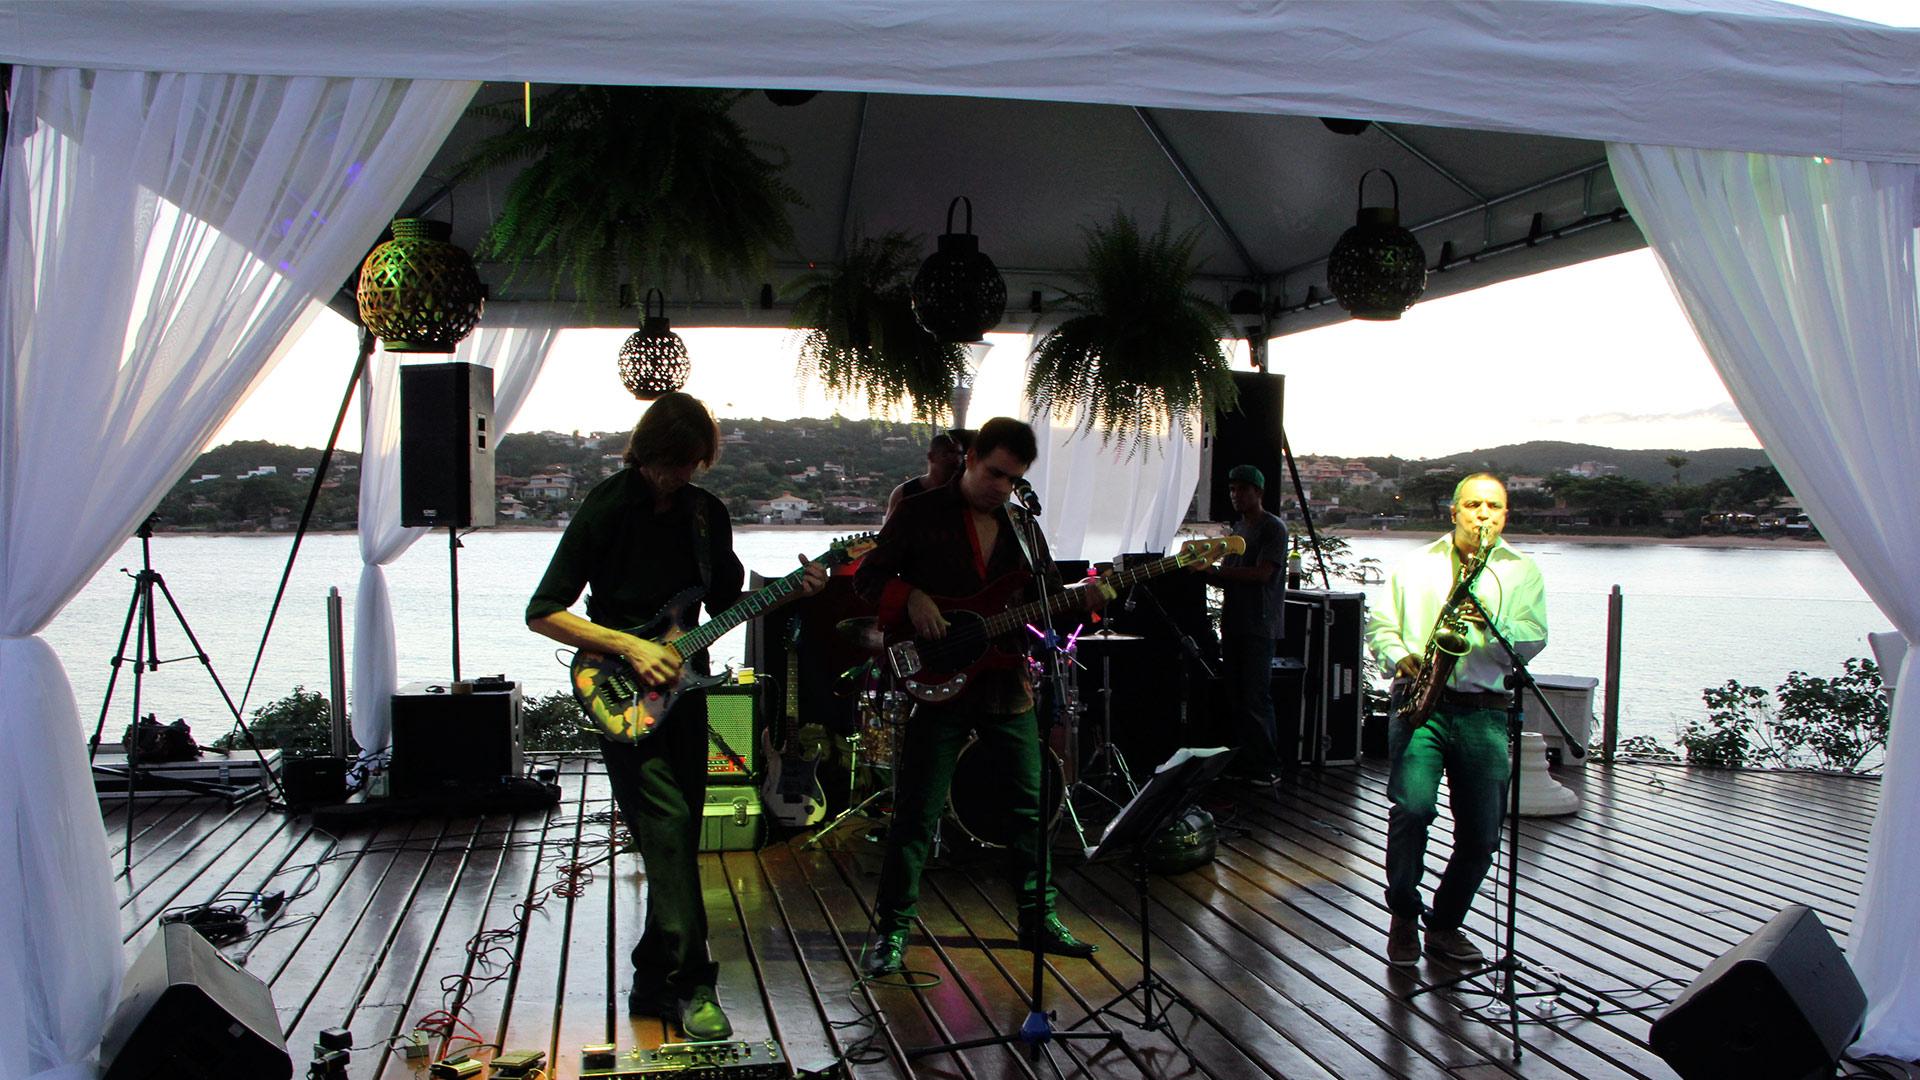 Música ao vivo em Búzios no Ferradura Private com banda de rock